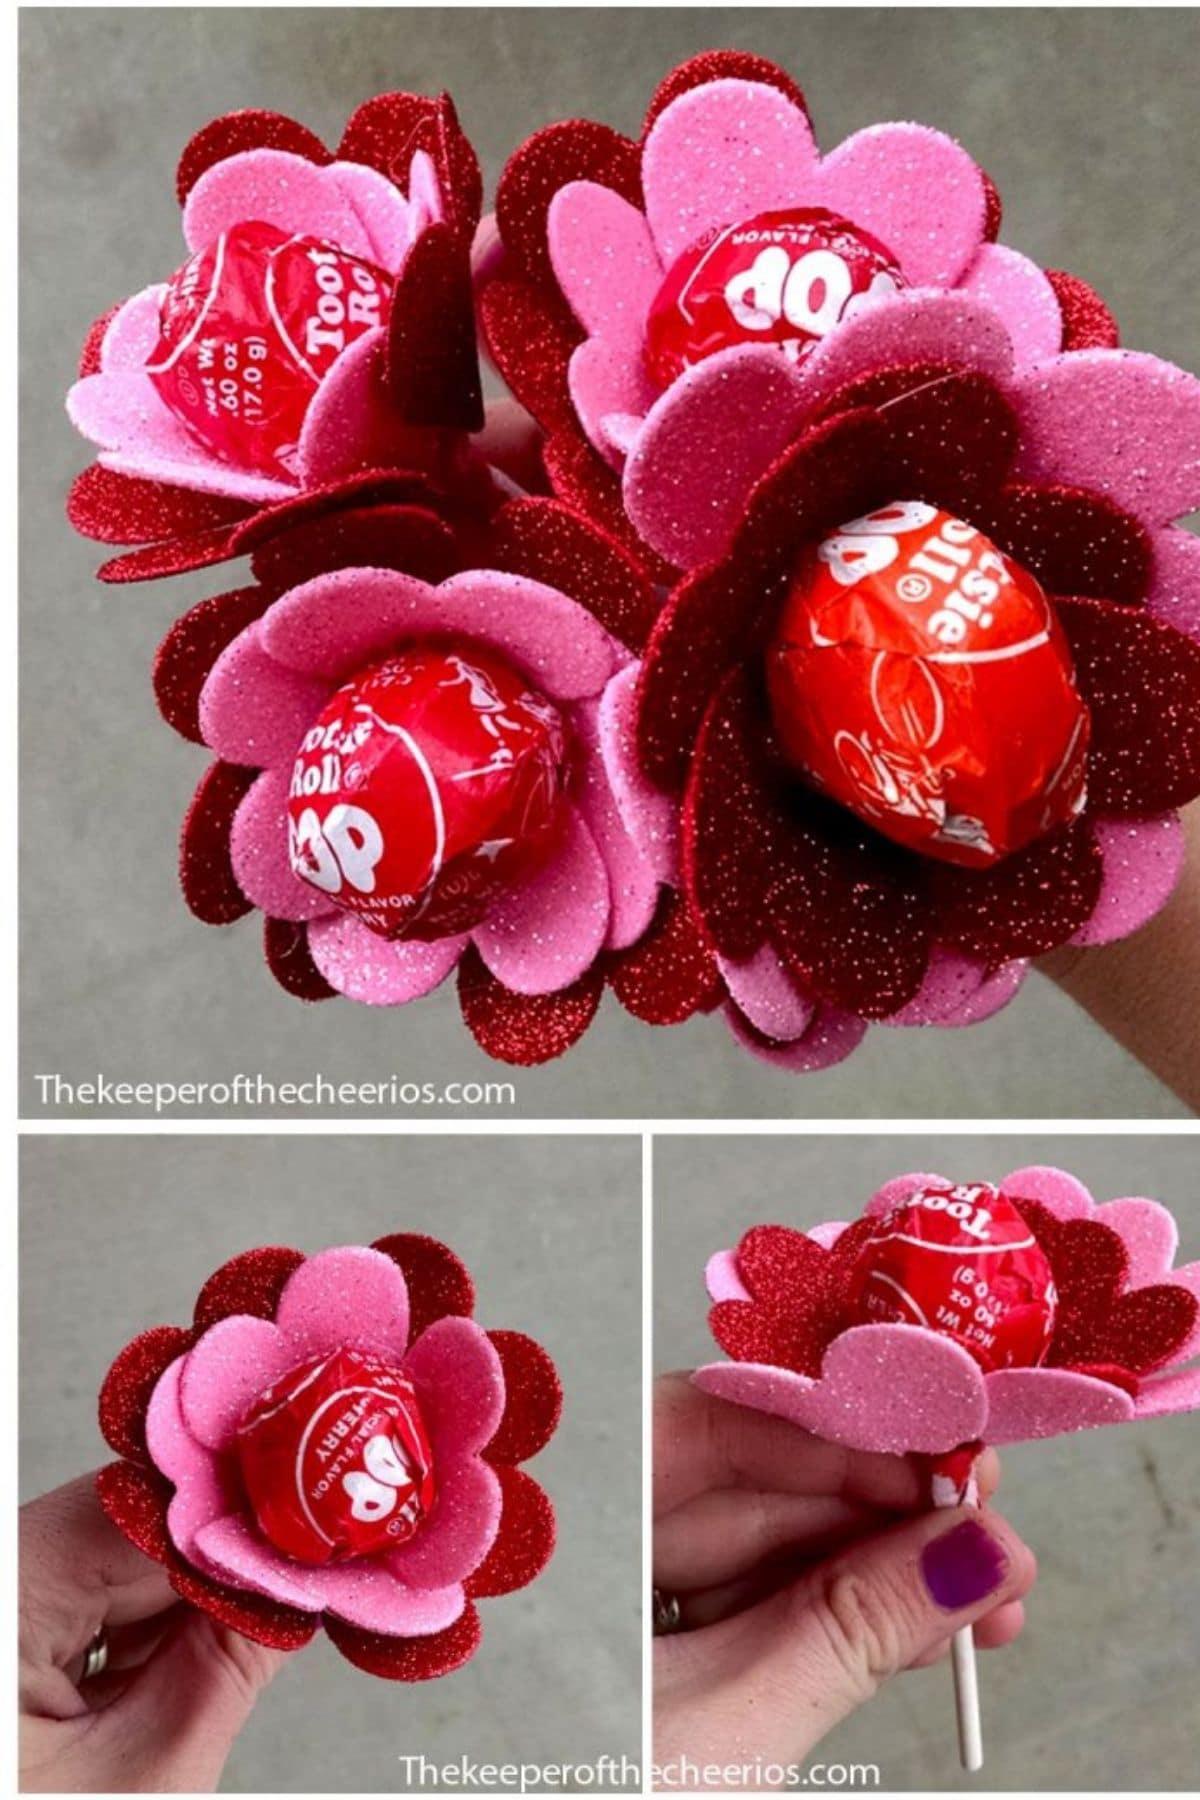 Tootisie pop roses